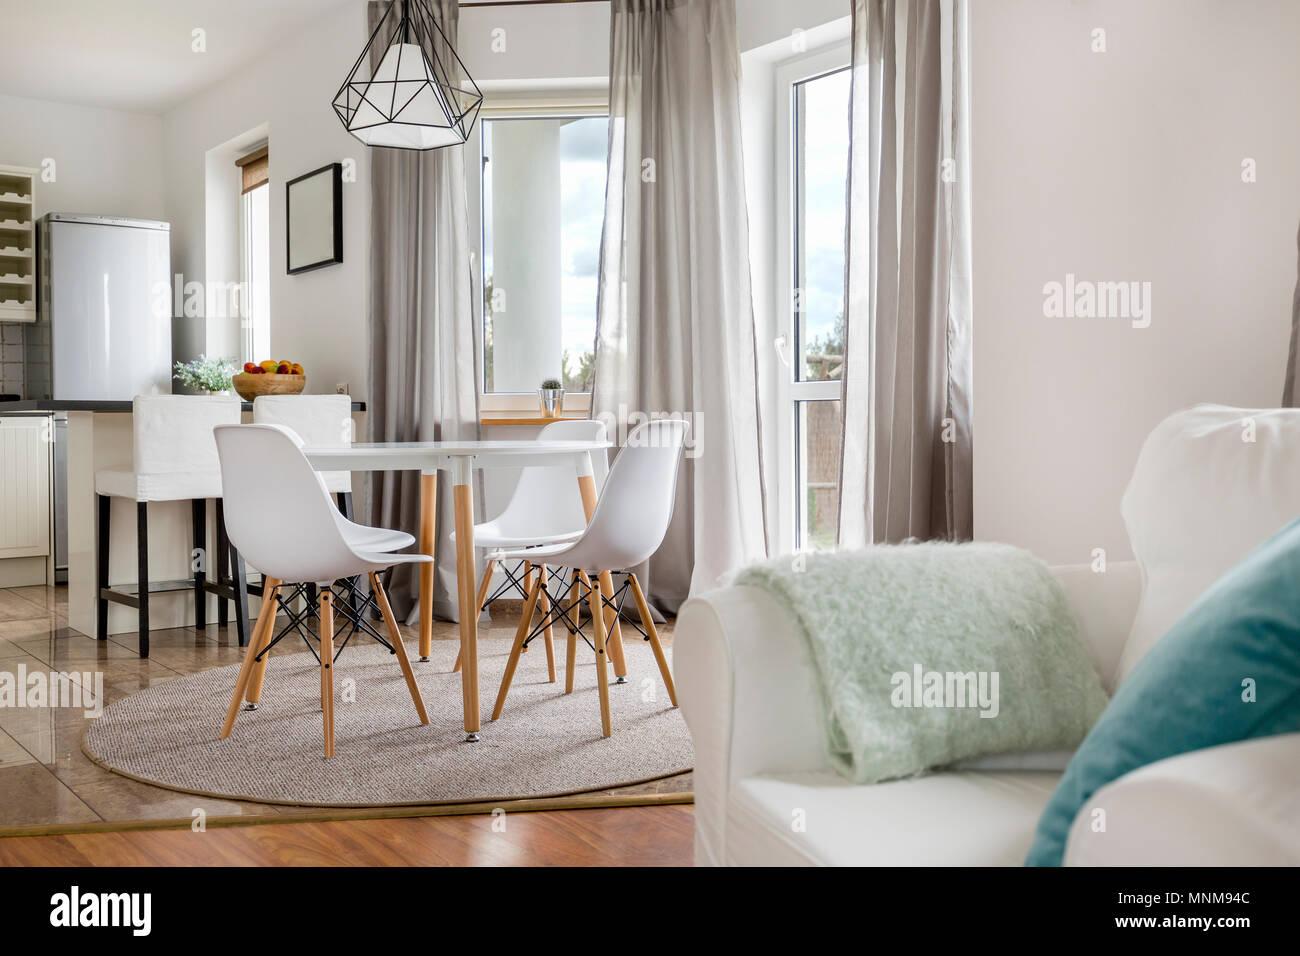 Nouvel appartement avec table ronde, chaises blanches et cuisine ...